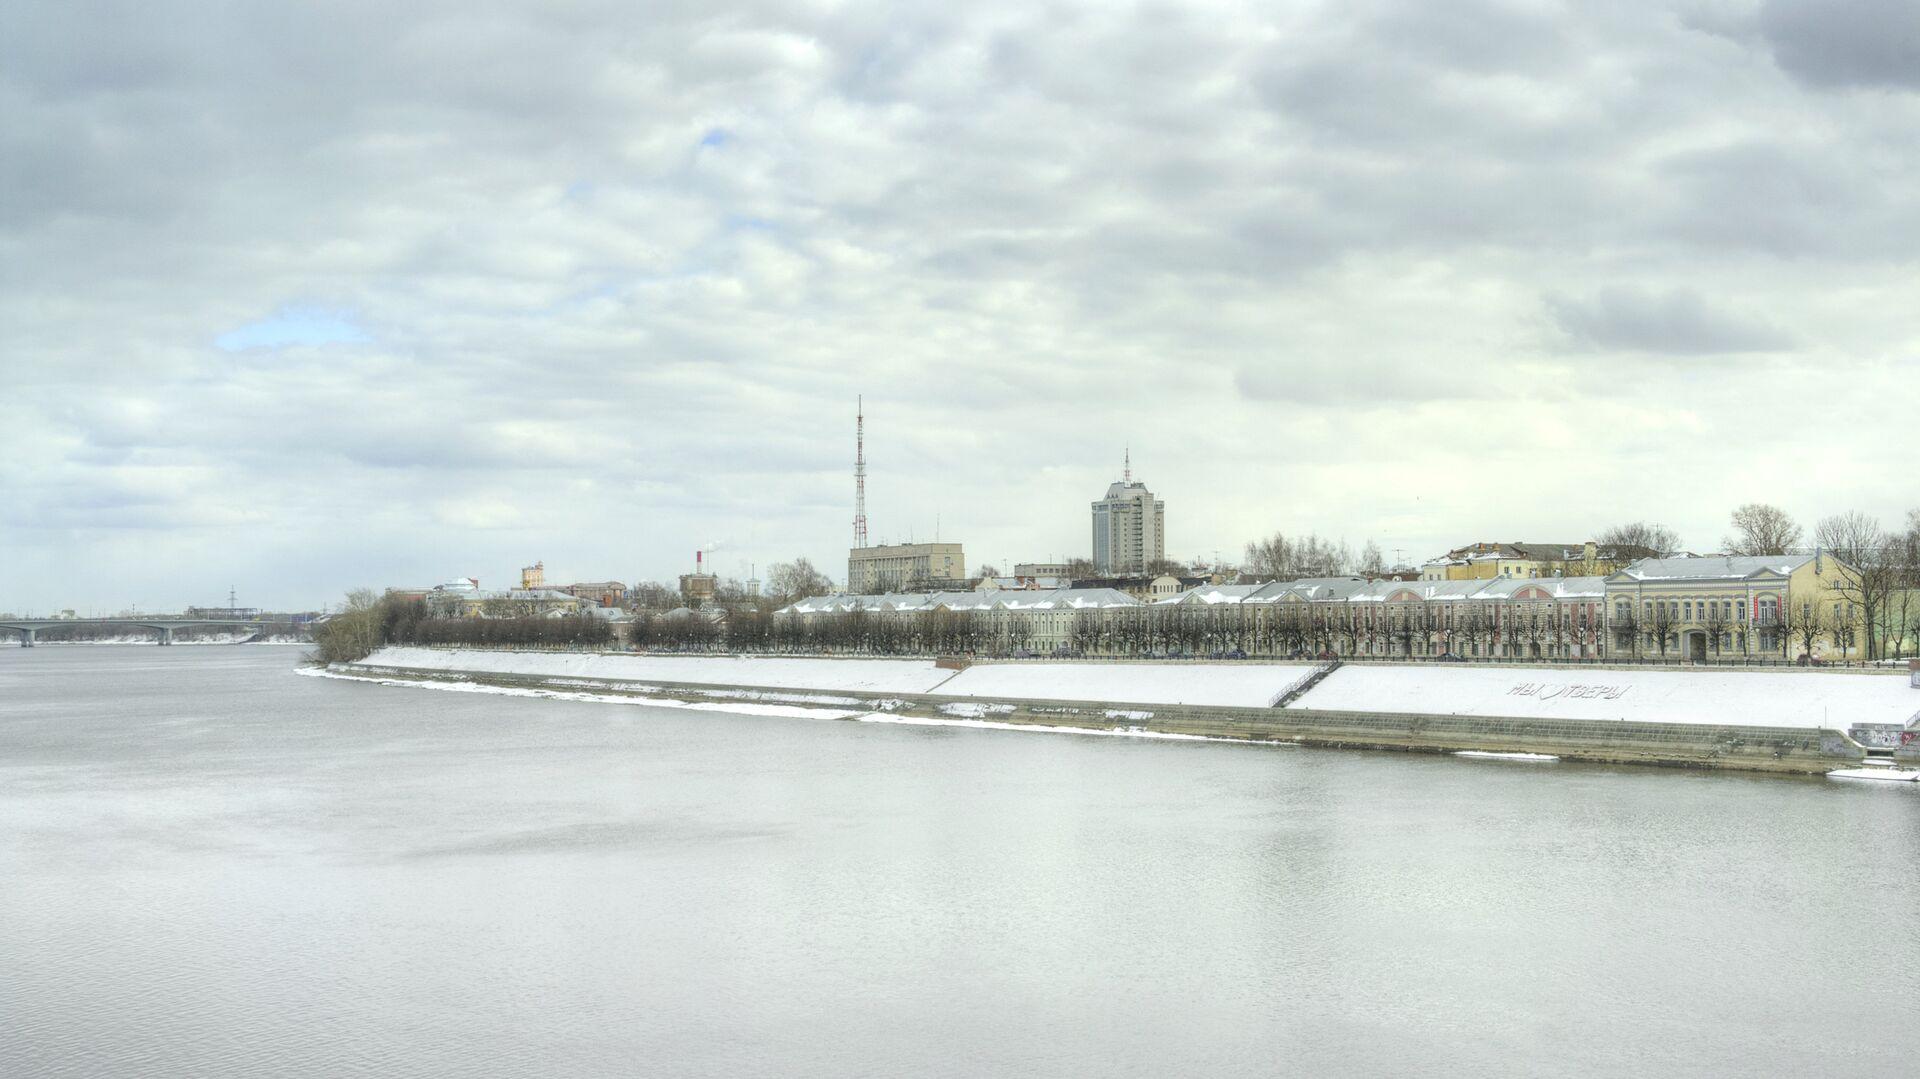 Власти Тверской области сделали 31 декабря выходным для ряда служащих